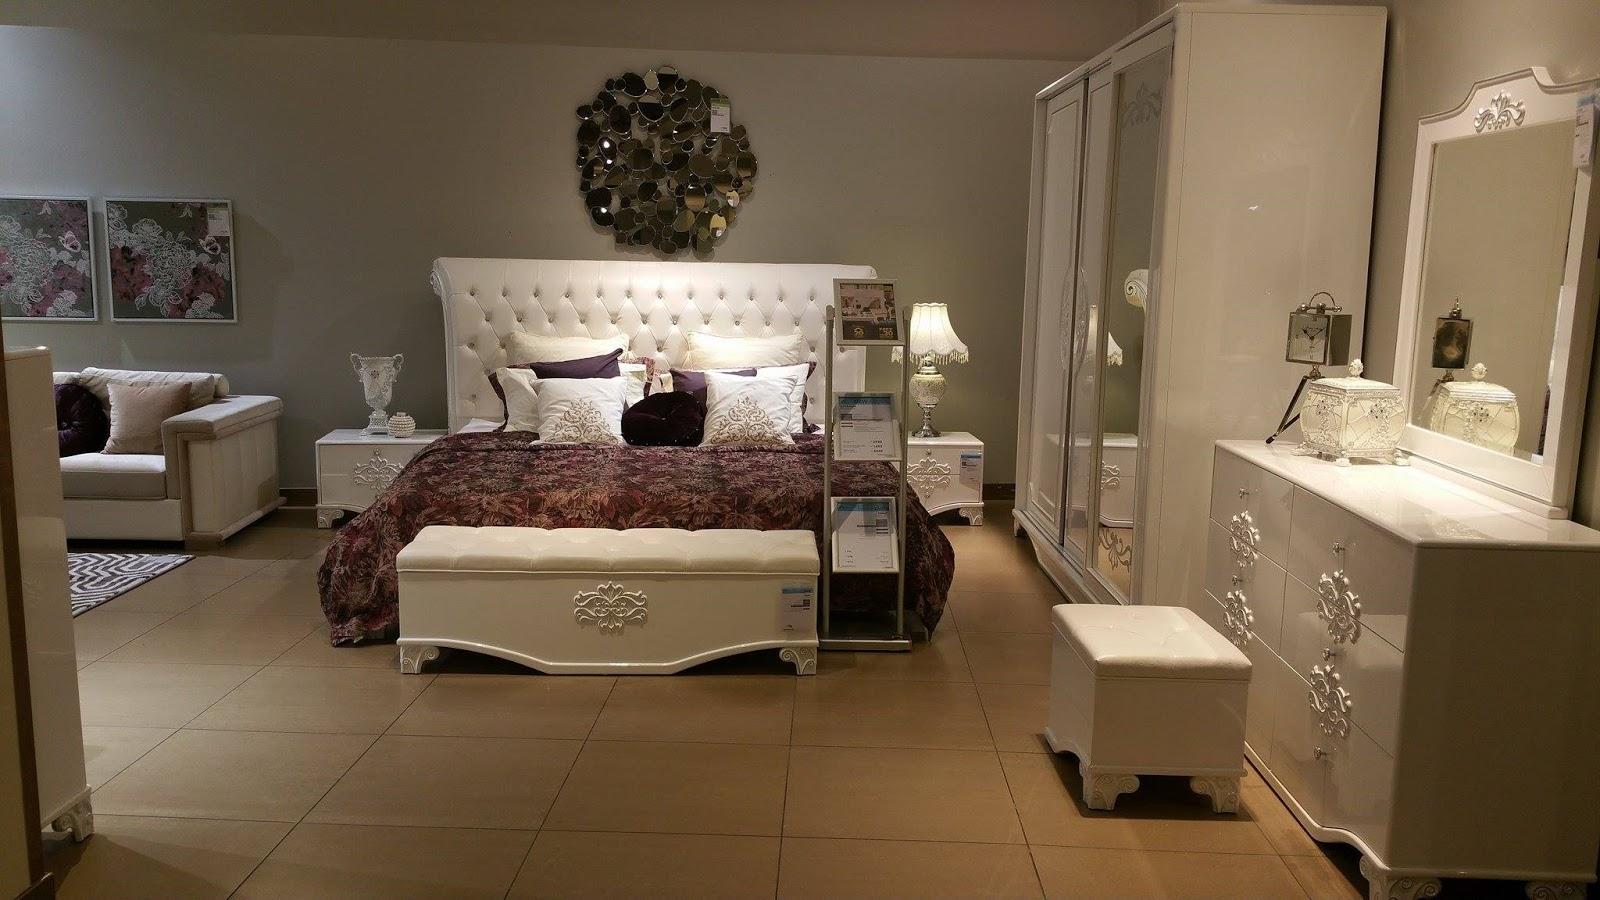 احدث غرفة نوم كاملة بيضاء من هوم سنتر روووعه2015_2016